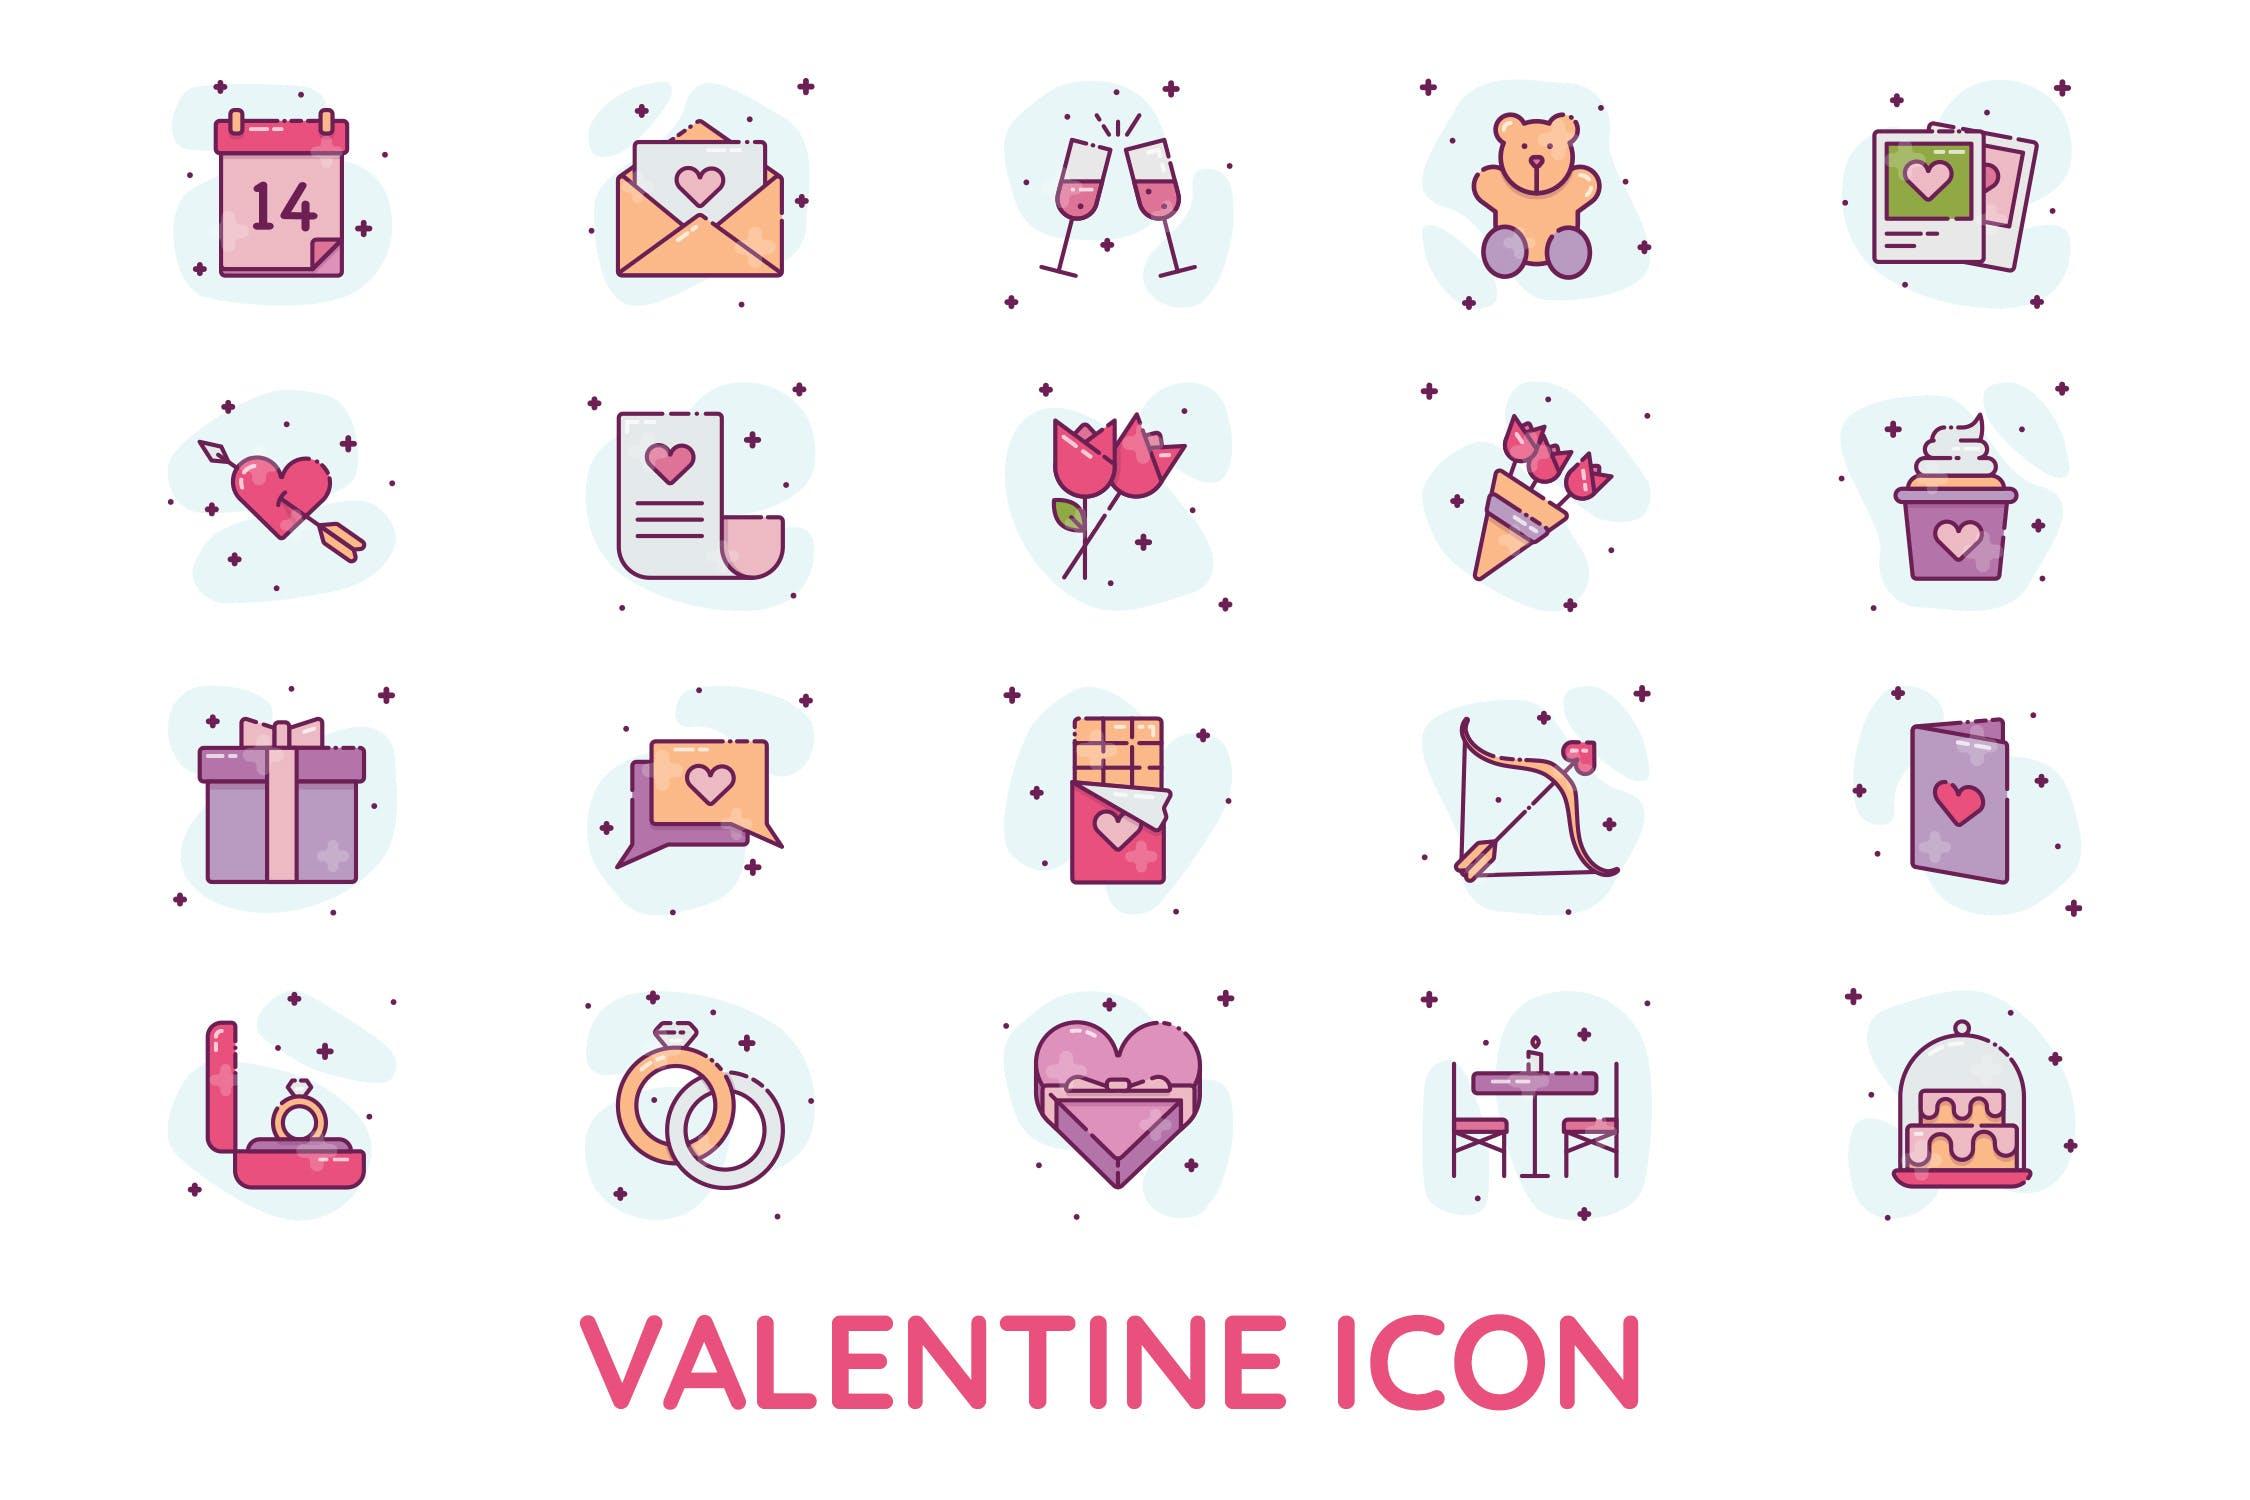 多用途情人节矢量图标设计素材下载valentine-icon-28DU8JC